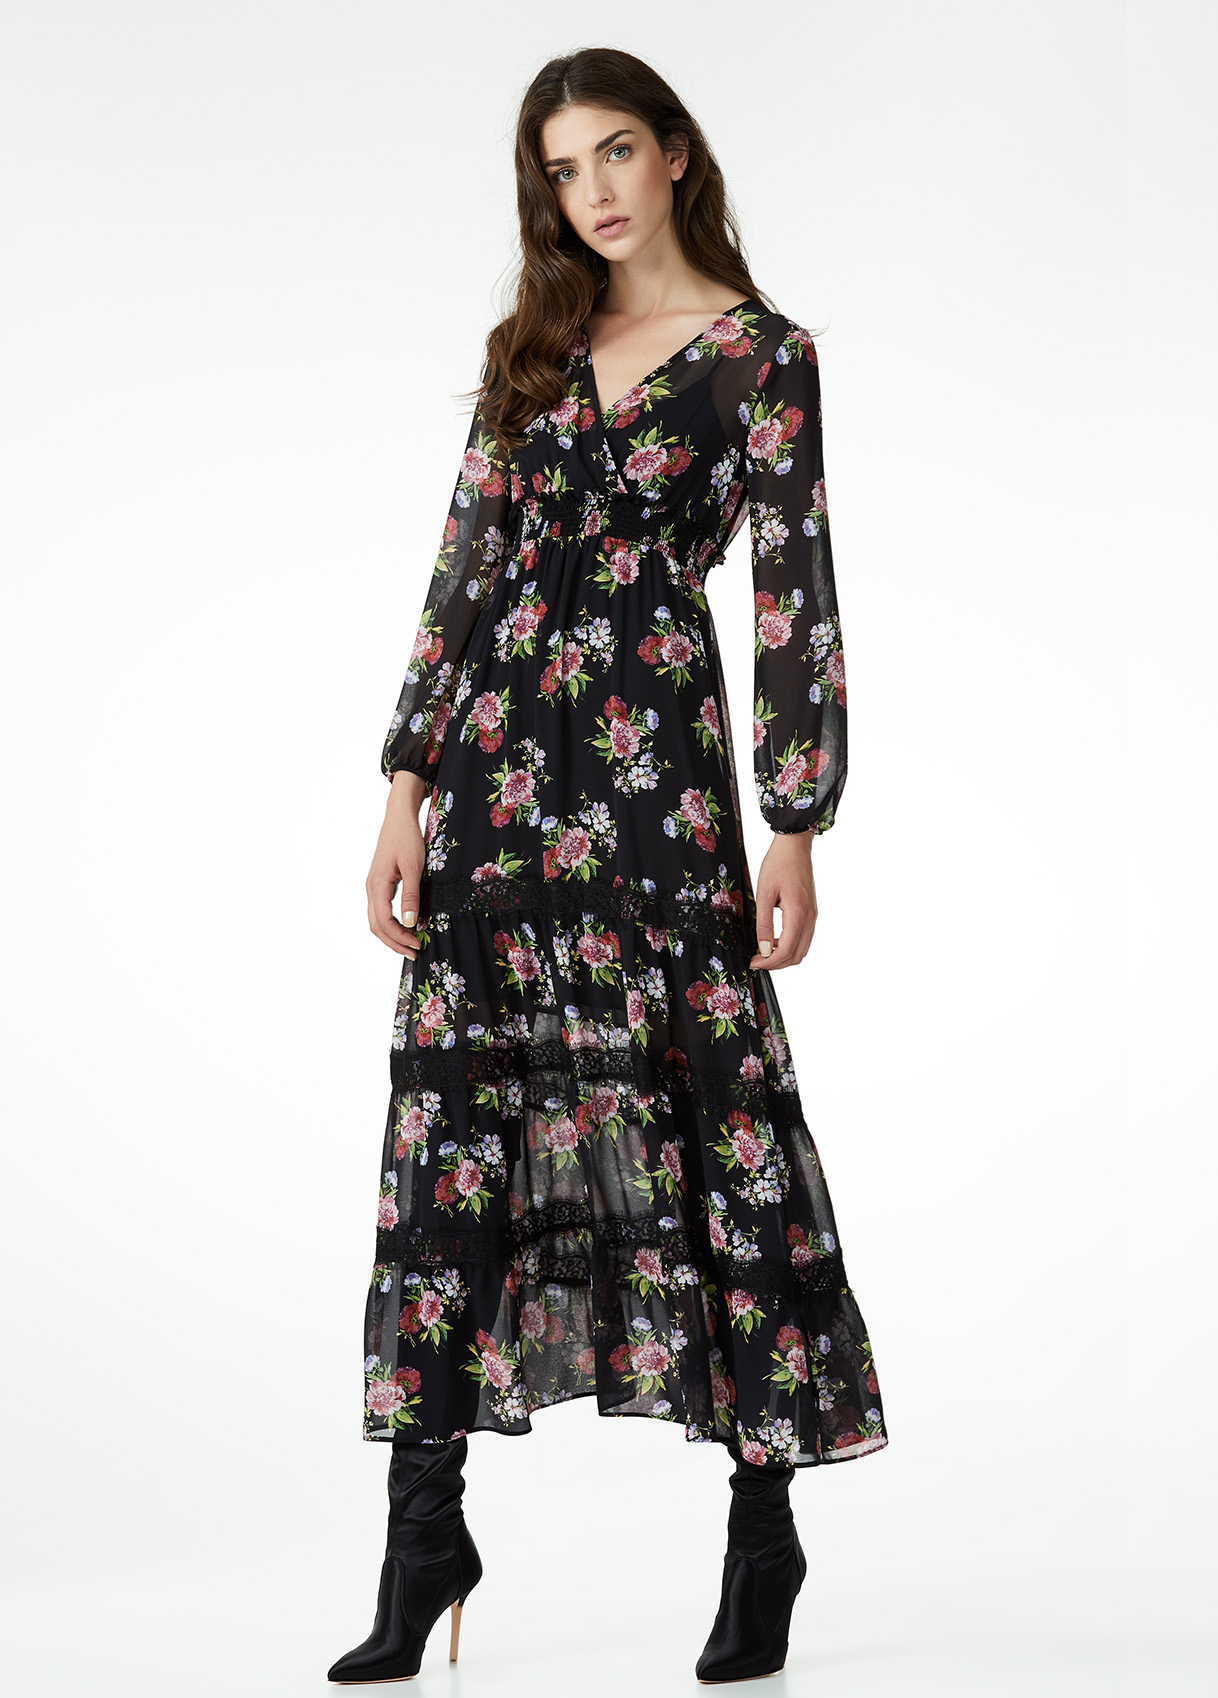 Vestito lungo a fiori Liu Jo a 199 euro